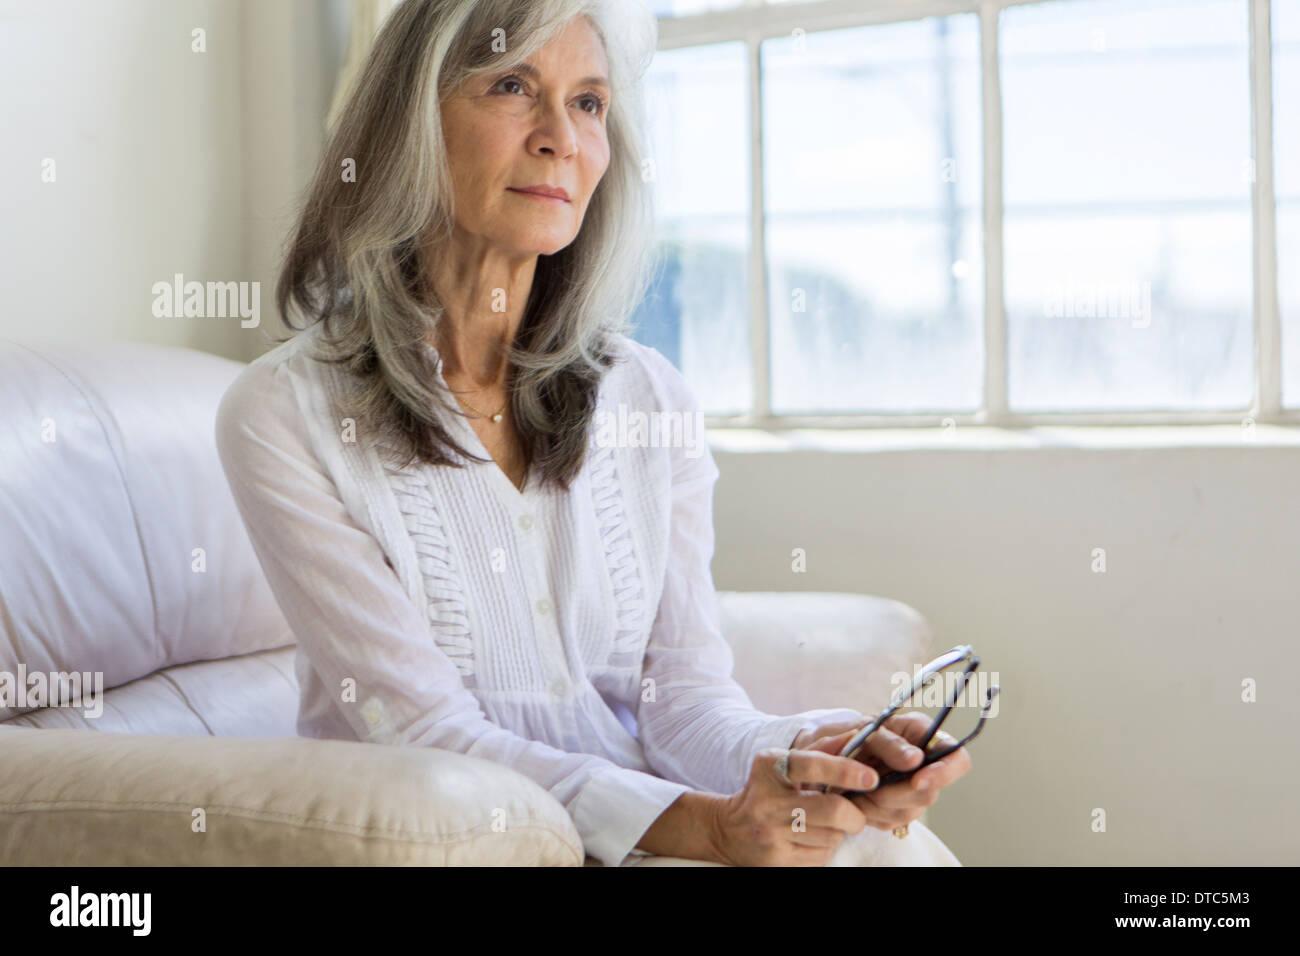 Retrato de mujer sentada en senior atractivo apartamento Imagen De Stock